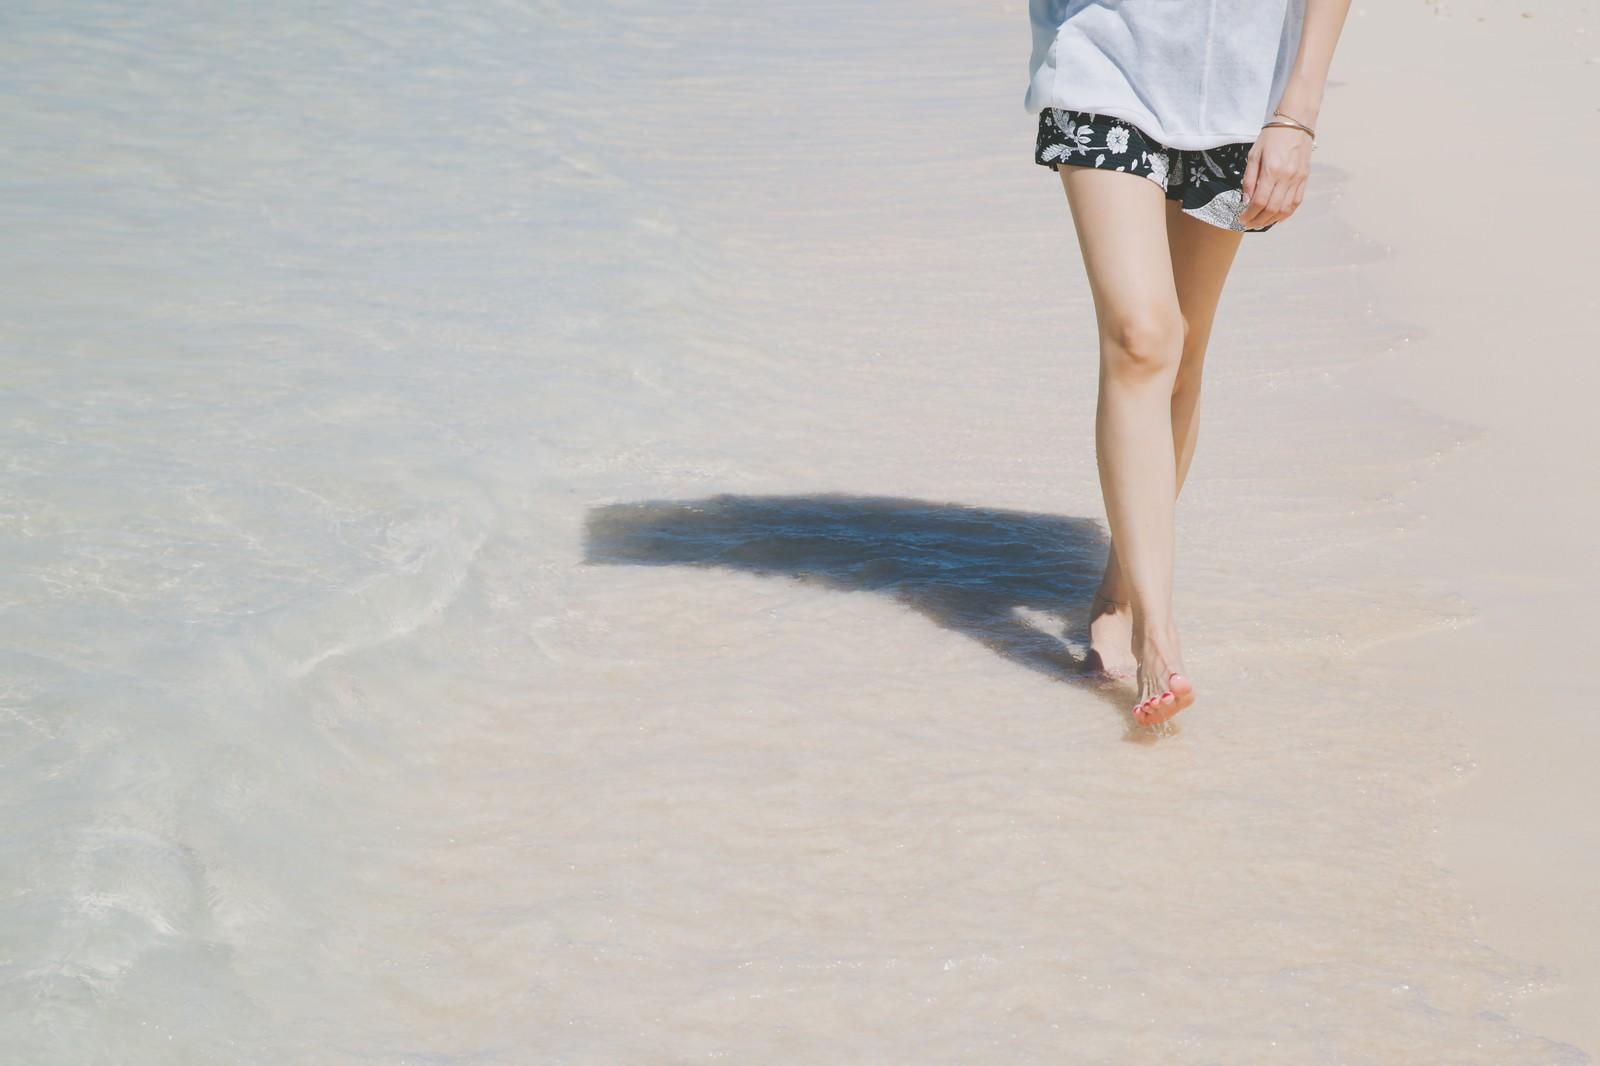 「日傘をさして砂浜を歩く女性の足元日傘をさして砂浜を歩く女性の足元」のフリー写真素材を拡大